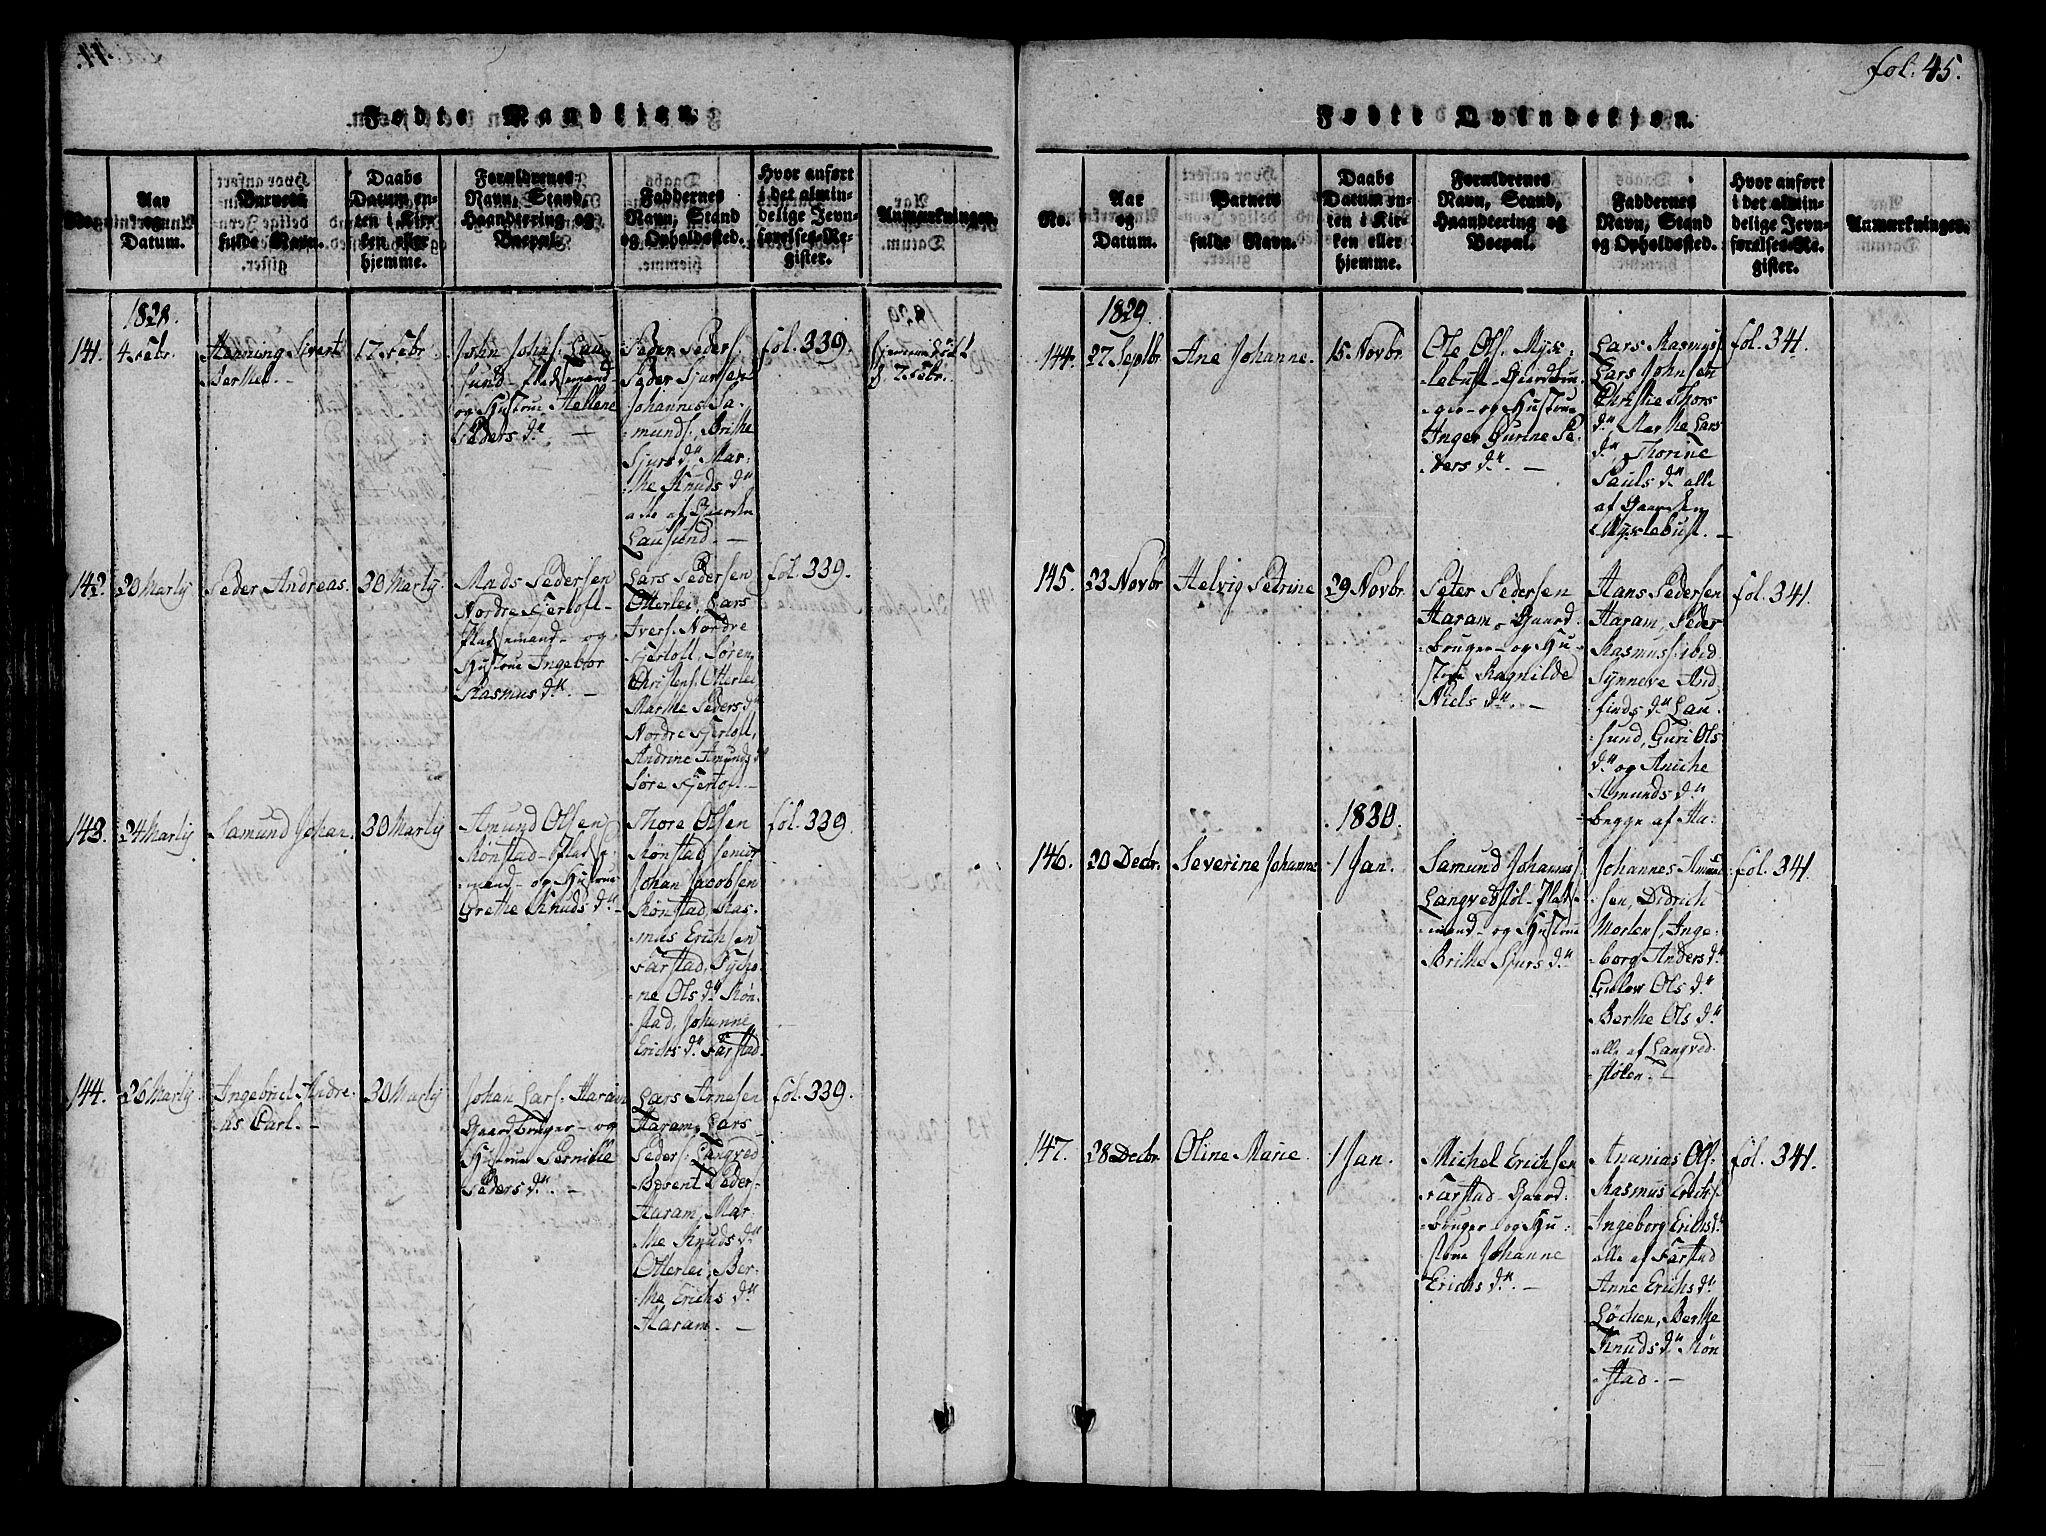 SAT, Ministerialprotokoller, klokkerbøker og fødselsregistre - Møre og Romsdal, 536/L0495: Ministerialbok nr. 536A04, 1818-1847, s. 45